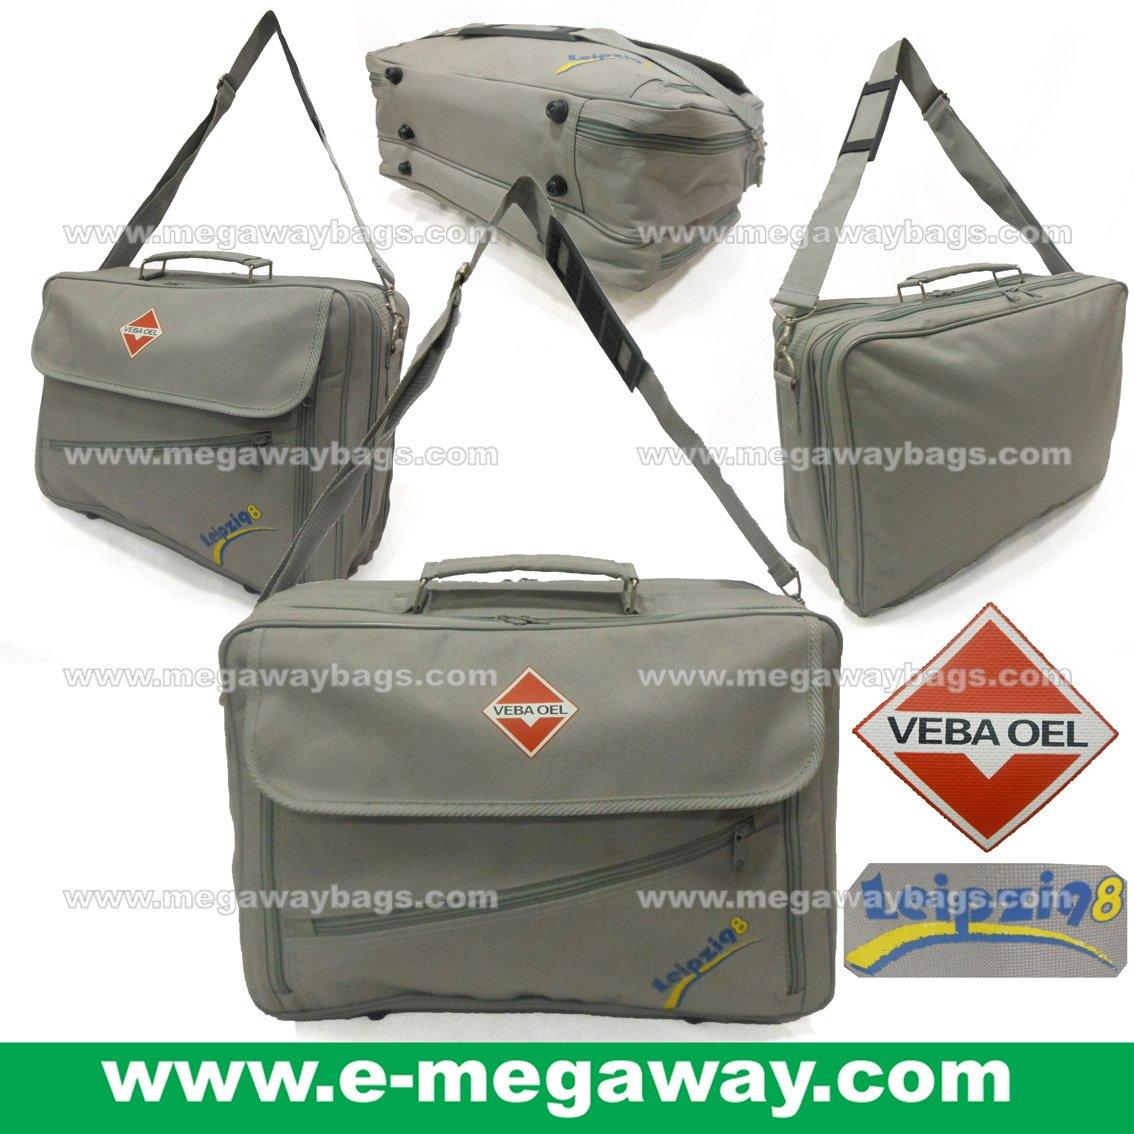 VEBA OEL Shoulder Carry Bag Labtop Briefcase Business Travel Messenger MegawayBags #CC-0995